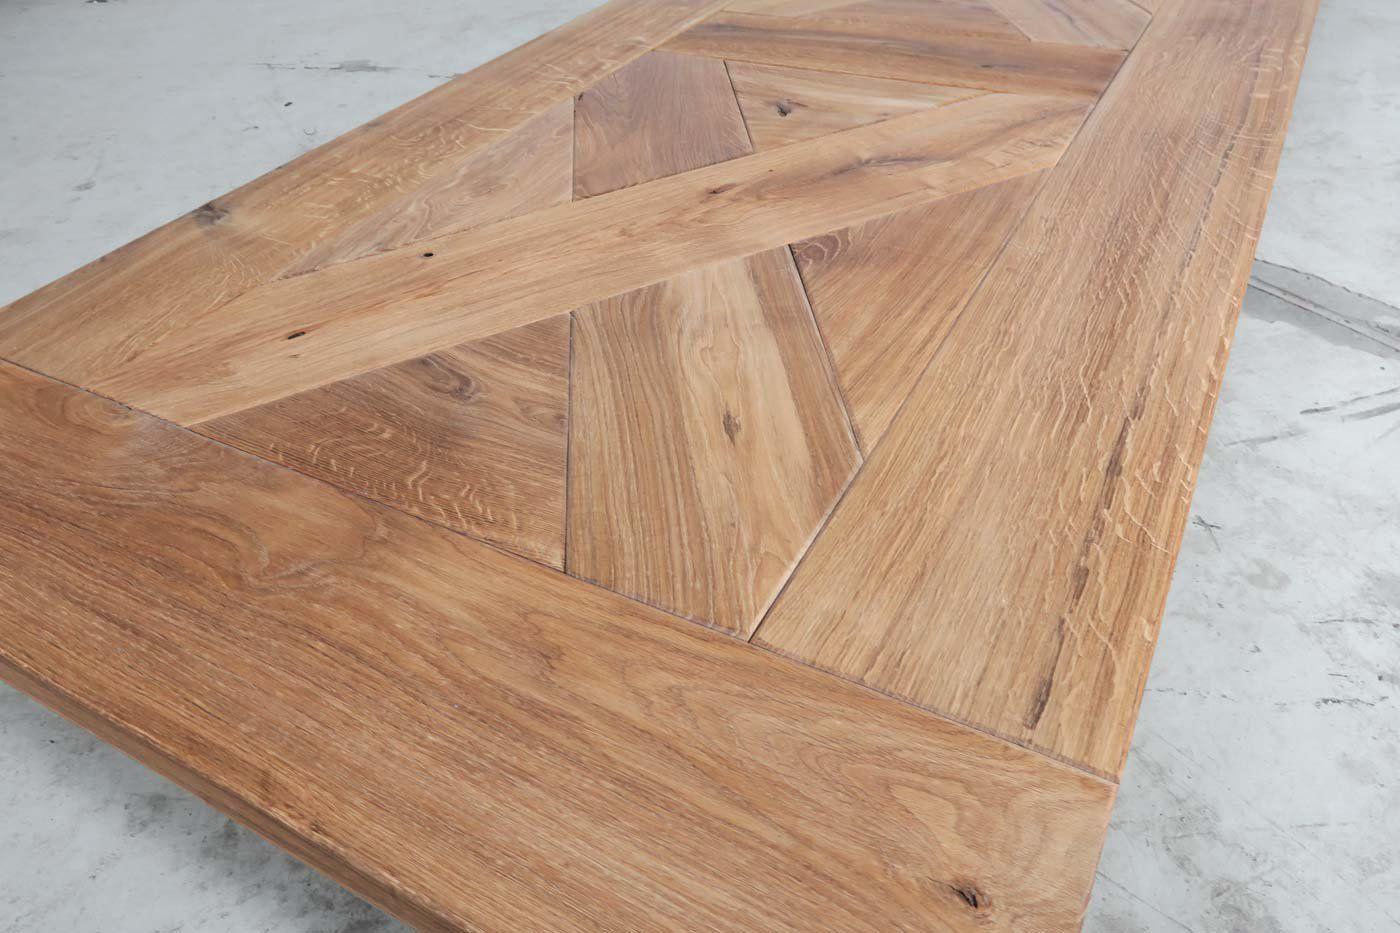 Eiche Tischplatte Landhaus Kreuz Muster 240 X 100 Unikat 06121 In